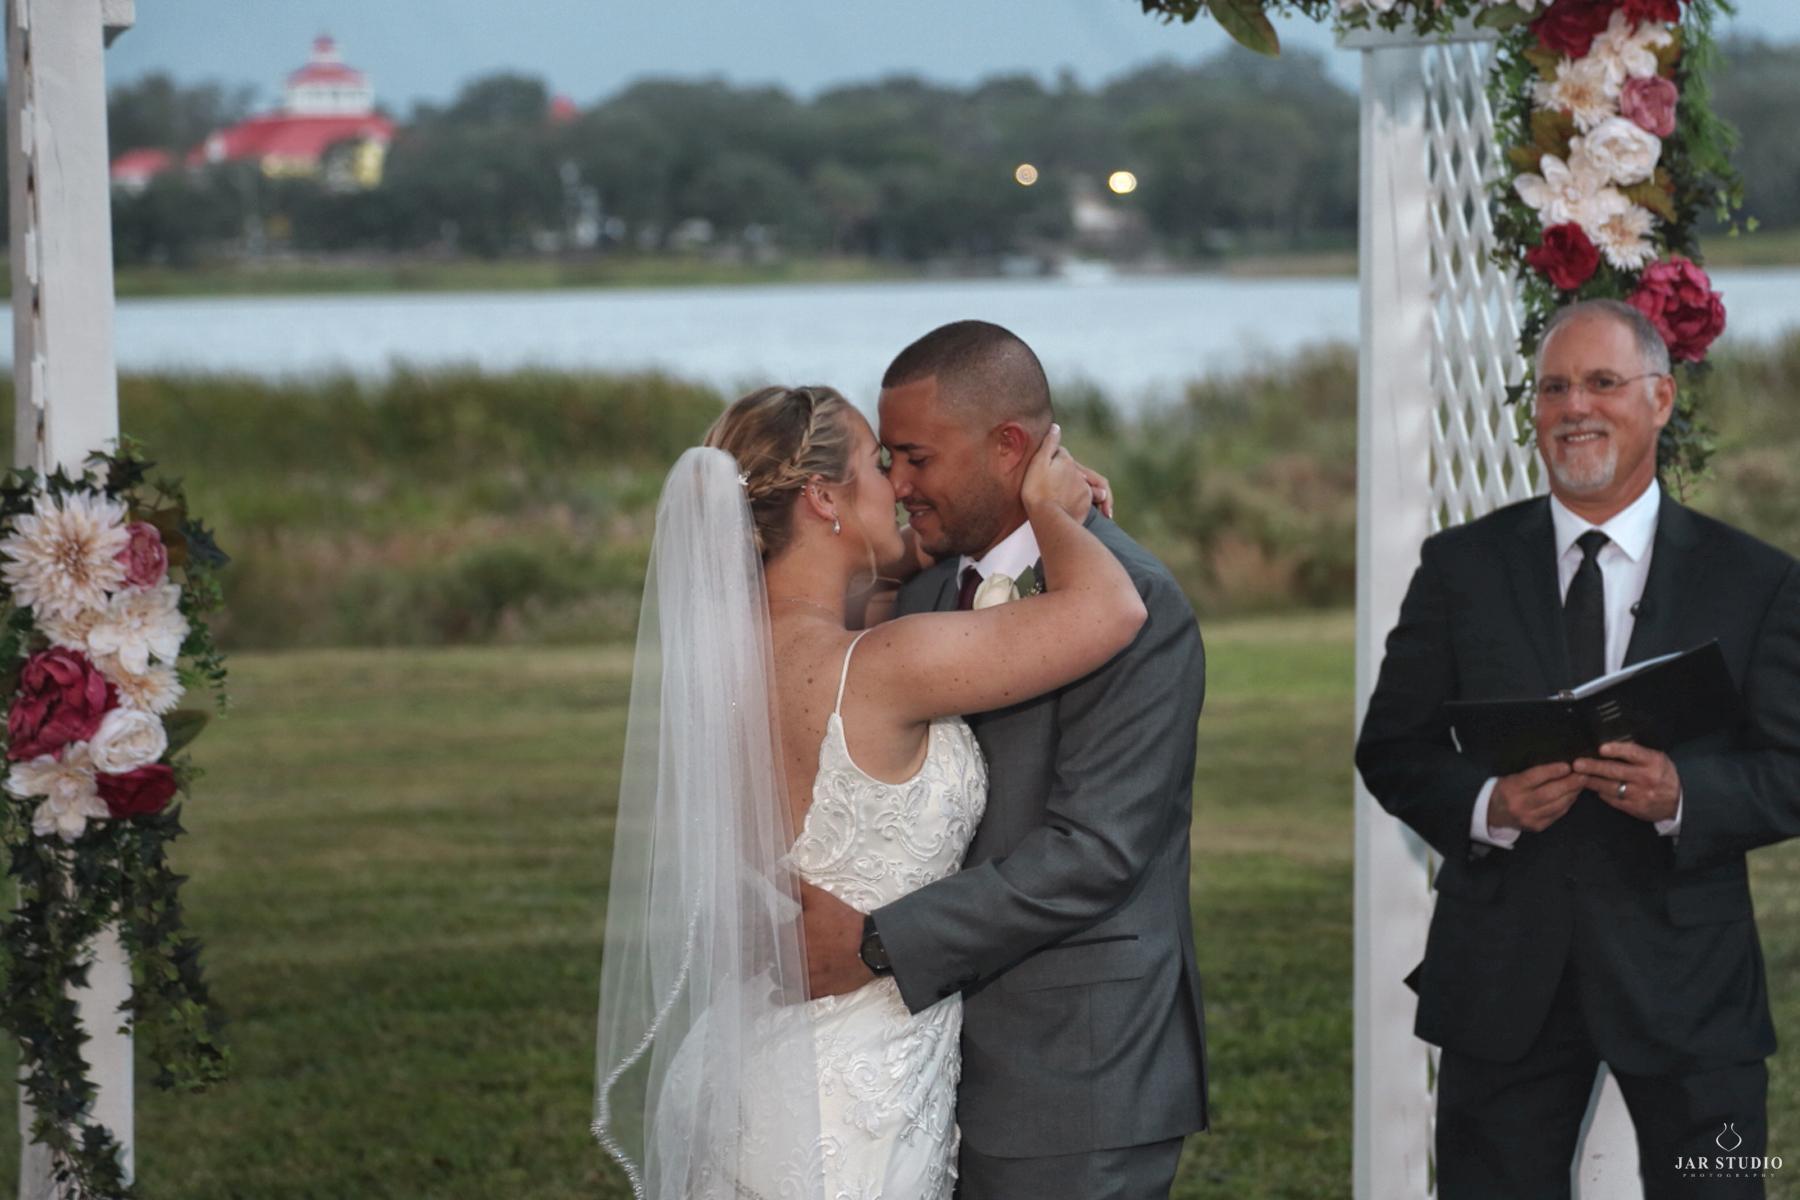 jarstudio-wedding-photographer-387.JPG